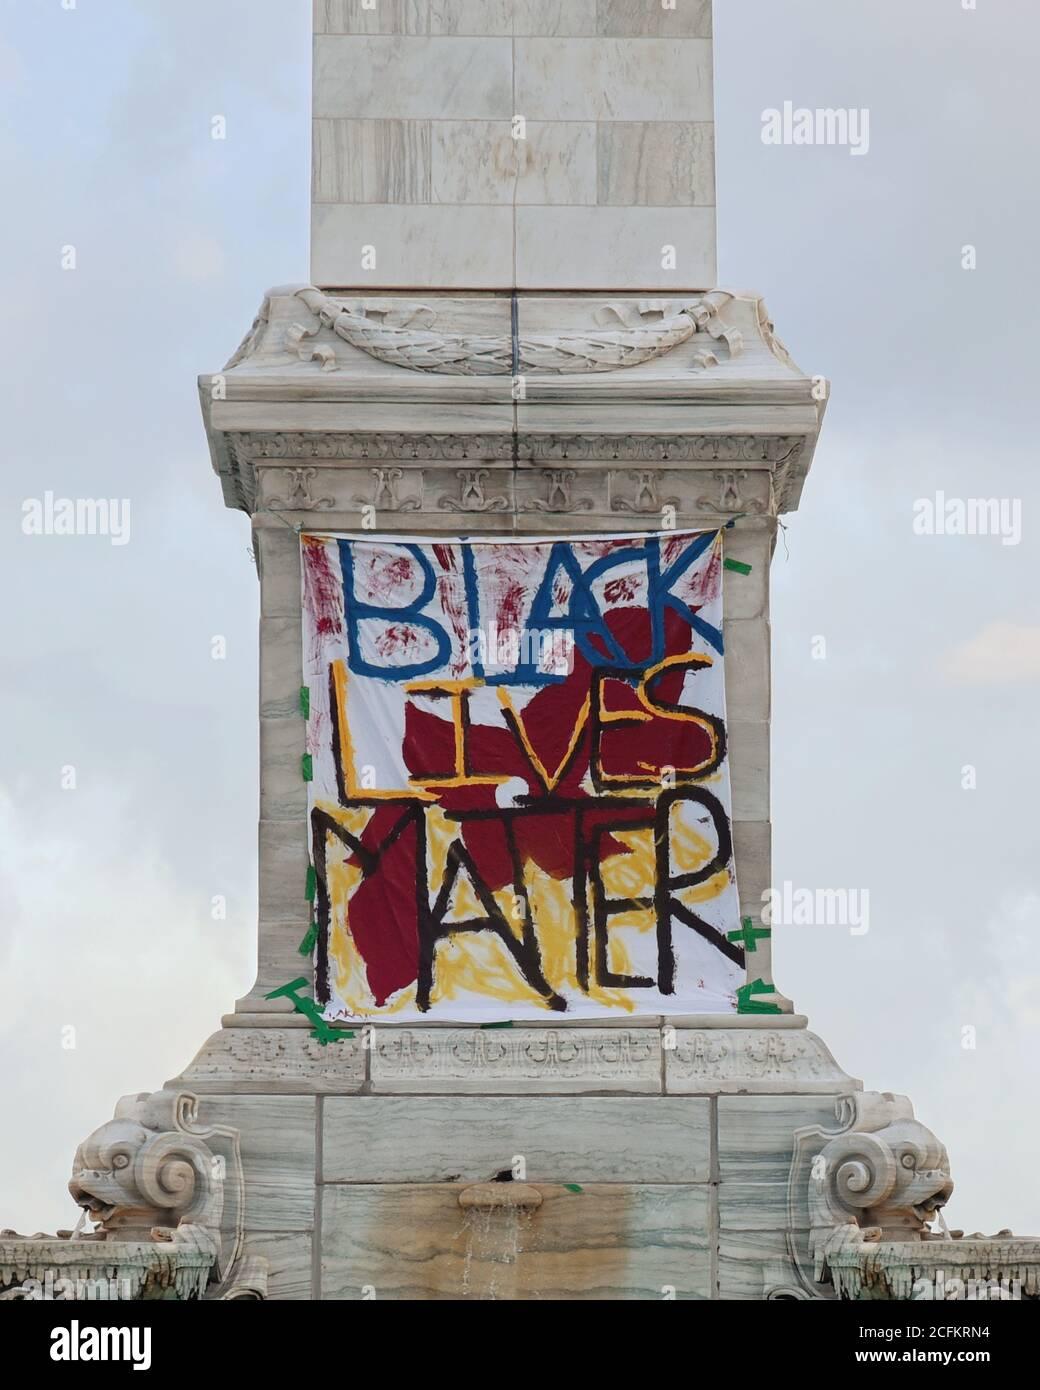 Un panneau est suspendu sur un mur de pierre à l'extérieur qui lit que les vies noires comptent comme un signe de protestation pour le mouvement BLM de 2020 à New York. Banque D'Images